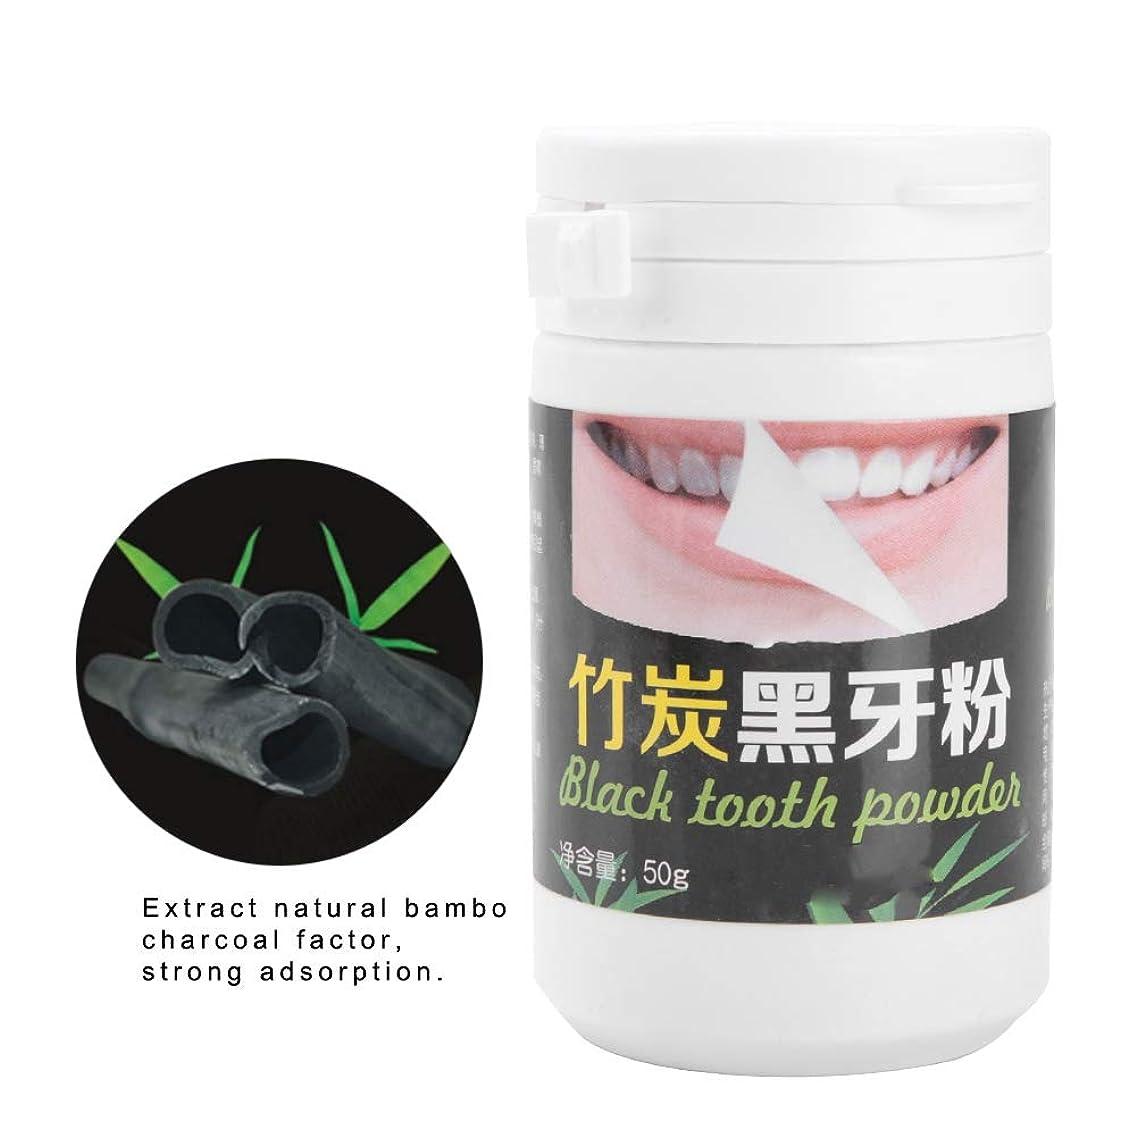 メキシコ意気込みウェブ歯の手入れをする有効な汚れの除去剤 - 汚れの除去剤の粉を白くする口腔歯の心配の自然な活動化させた木炭粉